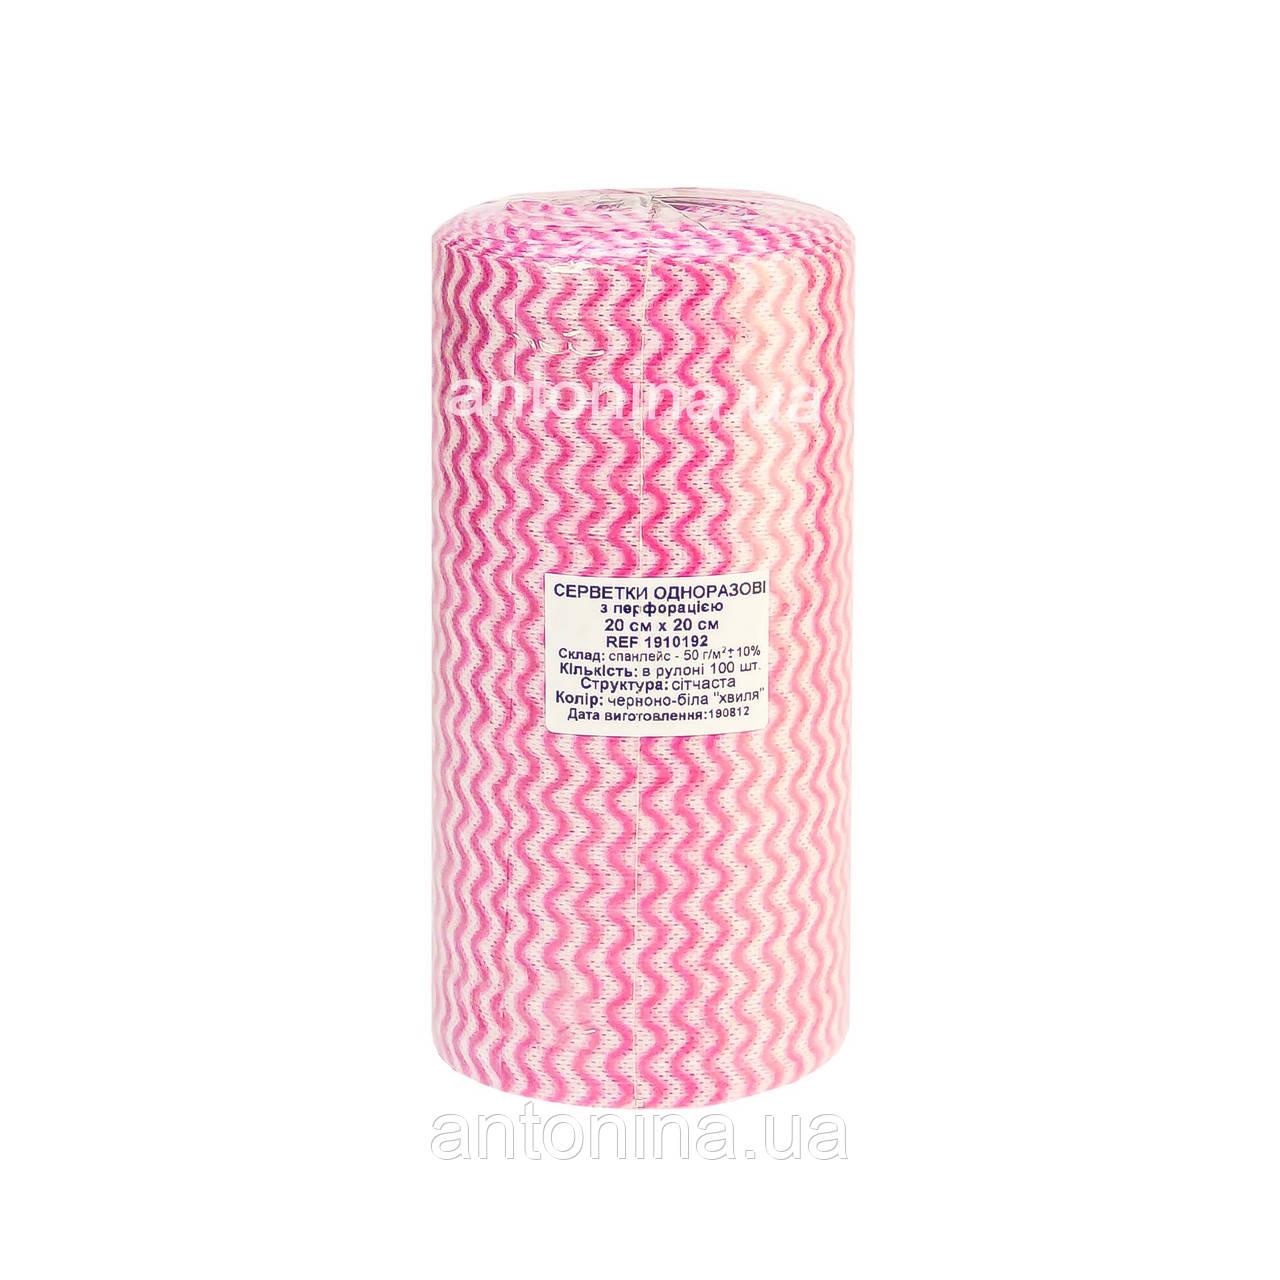 Серветка 20х20см для манікюрного столика спанлейс в рулоні, рожева